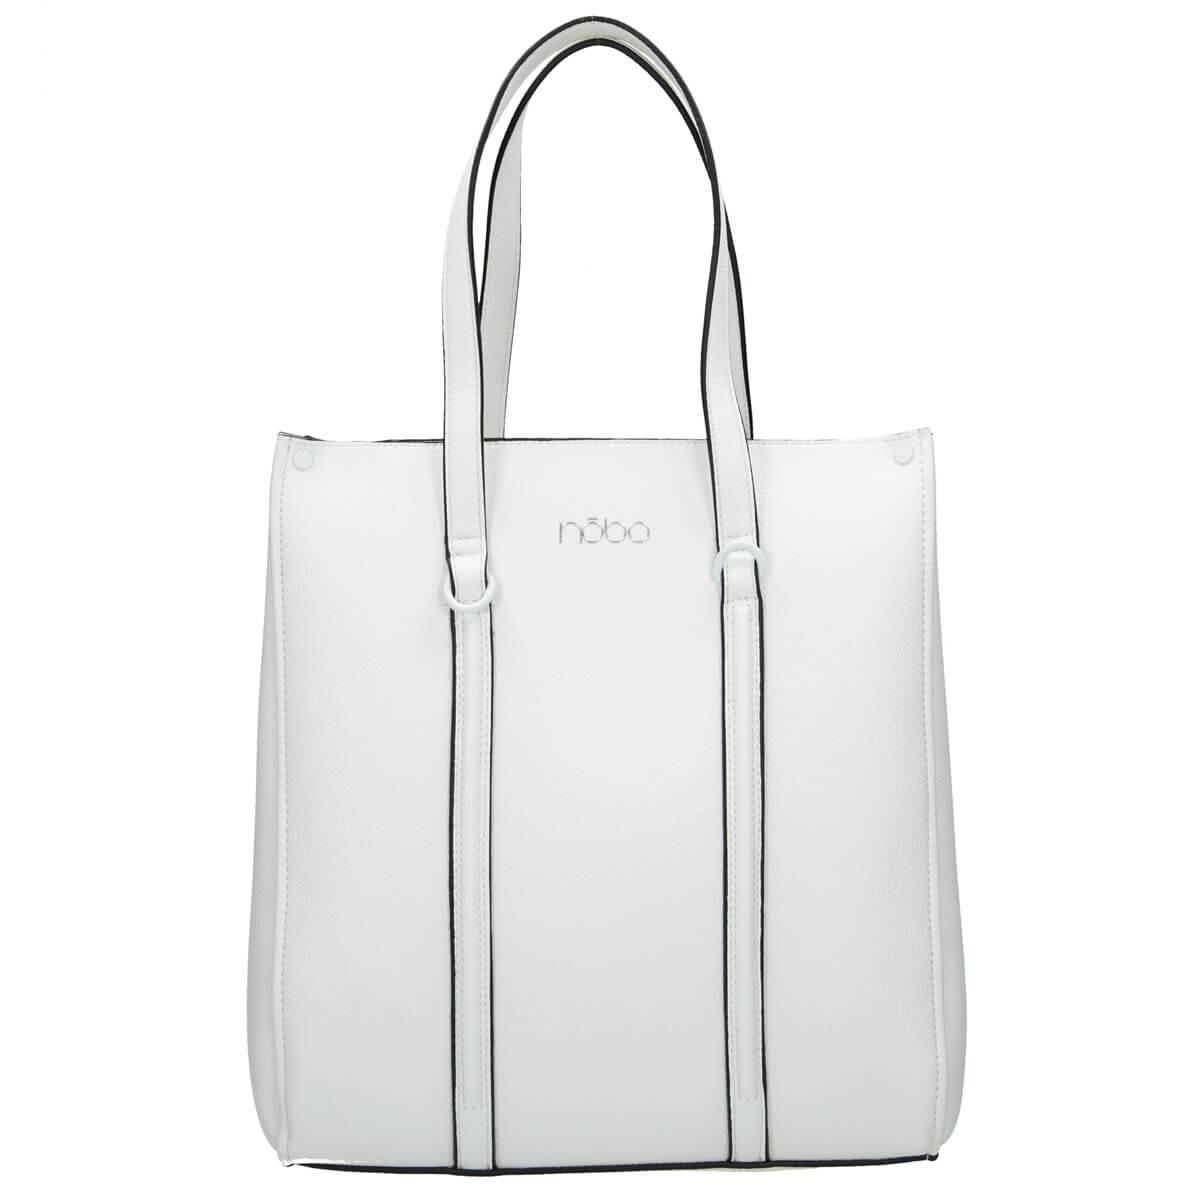 Nobo Woman's Bag NBAG-I0380-C000